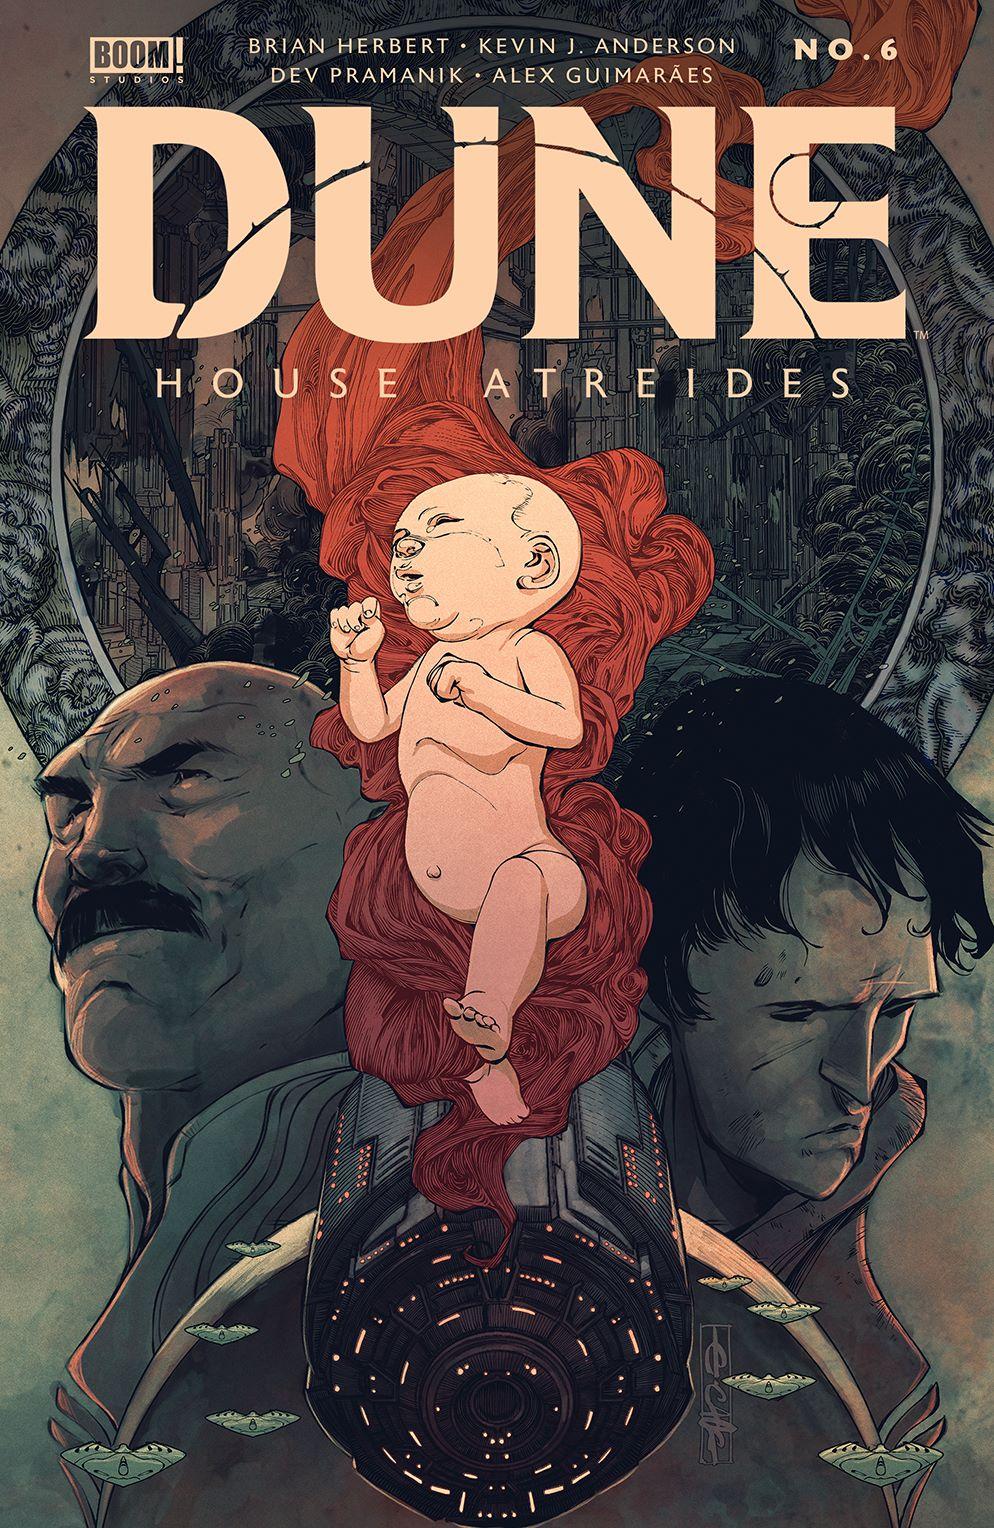 Dune_HouseAtreides_006_Cover_A_Main ComicList Previews: DUNE HOUSE ATREIDES #6 (OF 12)